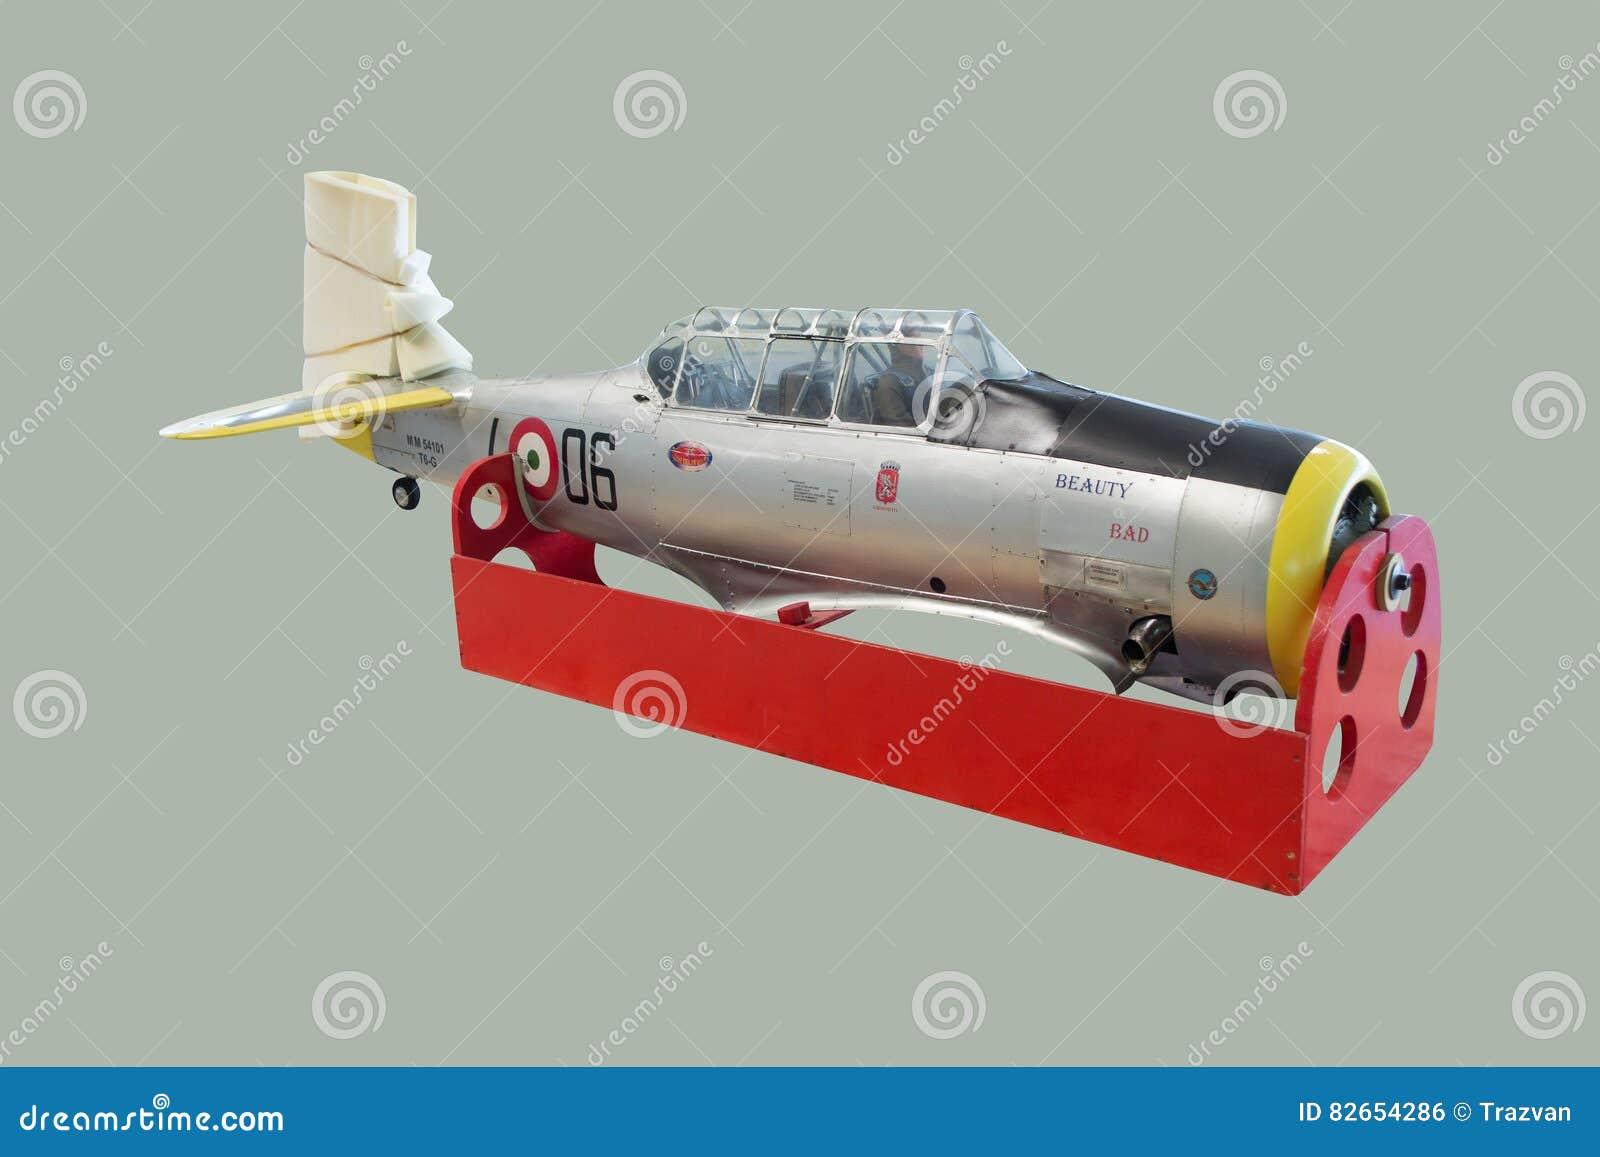 被拆卸的北美洲T6G德克萨斯的比例模型航空器